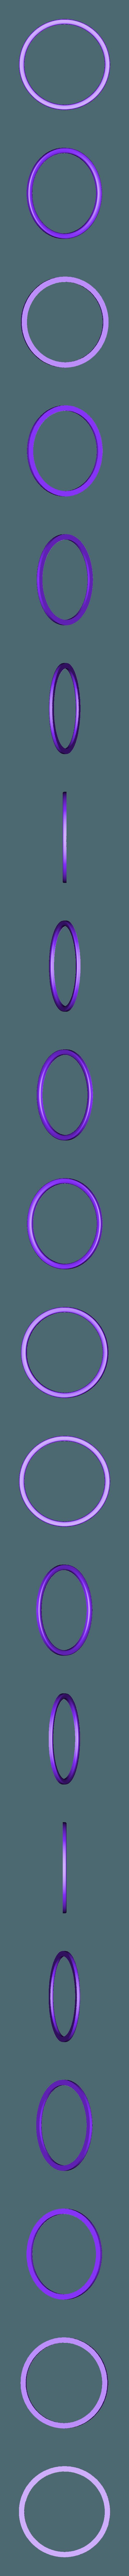 Dromedary_Cap_v1-3_GASKET.STL Télécharger fichier STL gratuit Bouchon de bouteille d'eau • Modèle imprimable en 3D, WalterHsiao